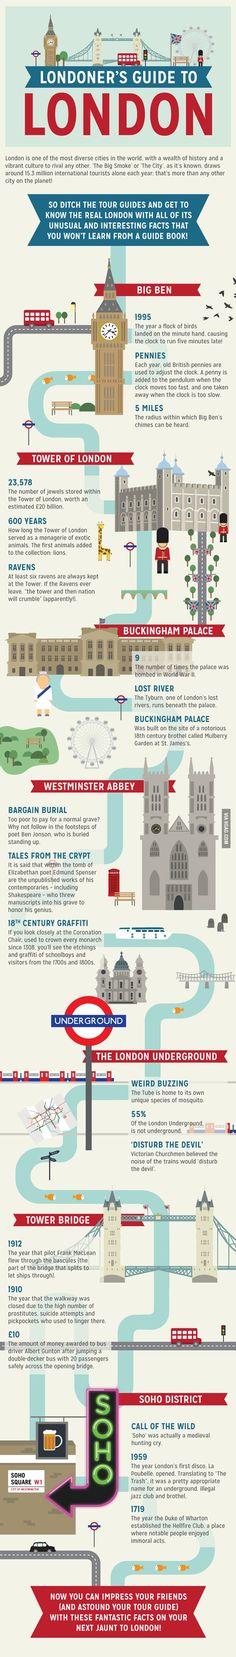 A Londoner's guide to London  http://9gag.com/gag/azEngGm